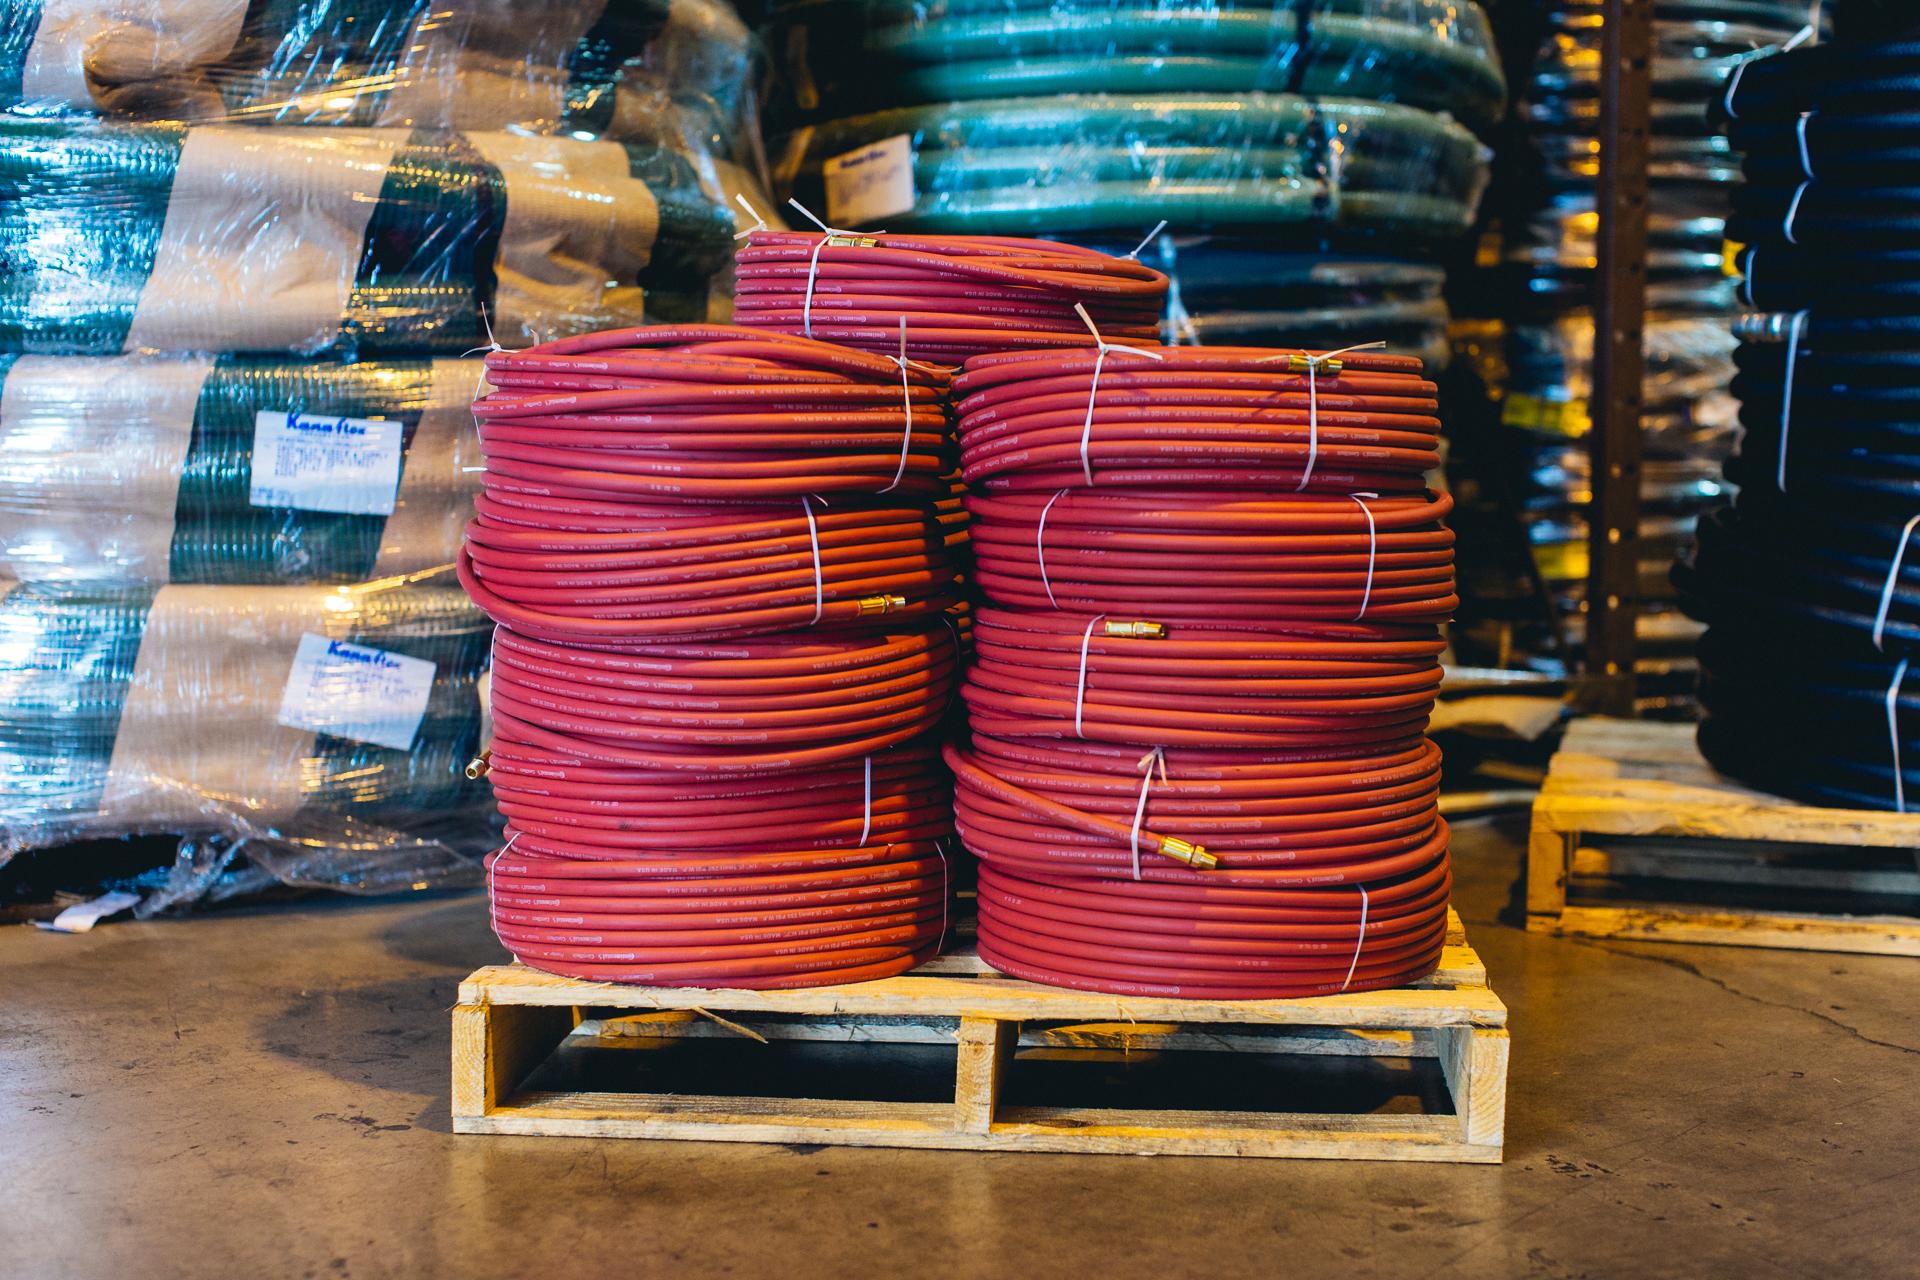 ContiTech air hose